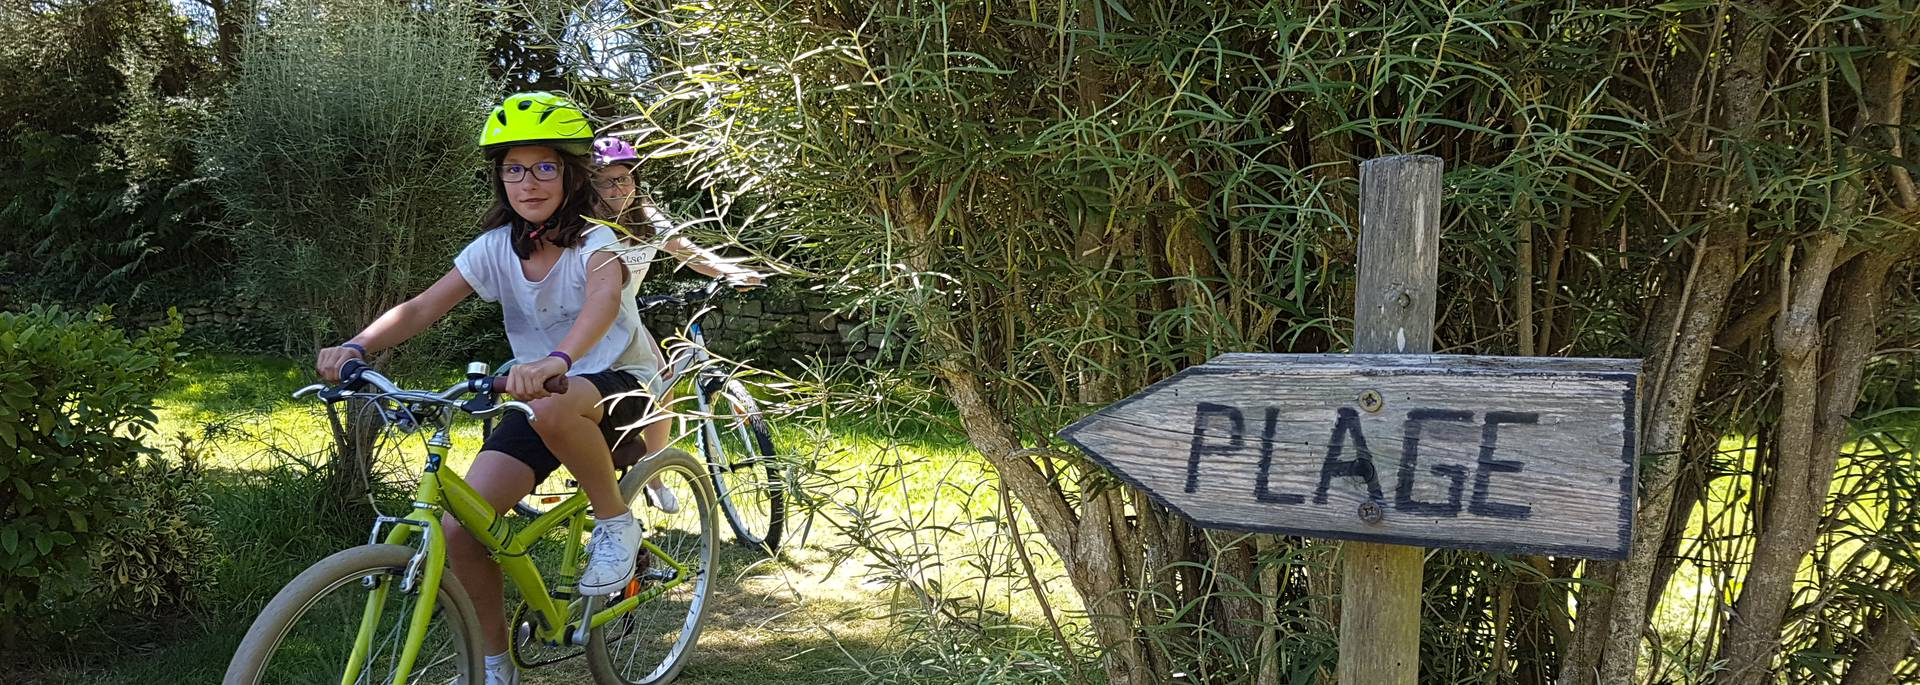 Direction la plage à vélo ! © Eva Cléret